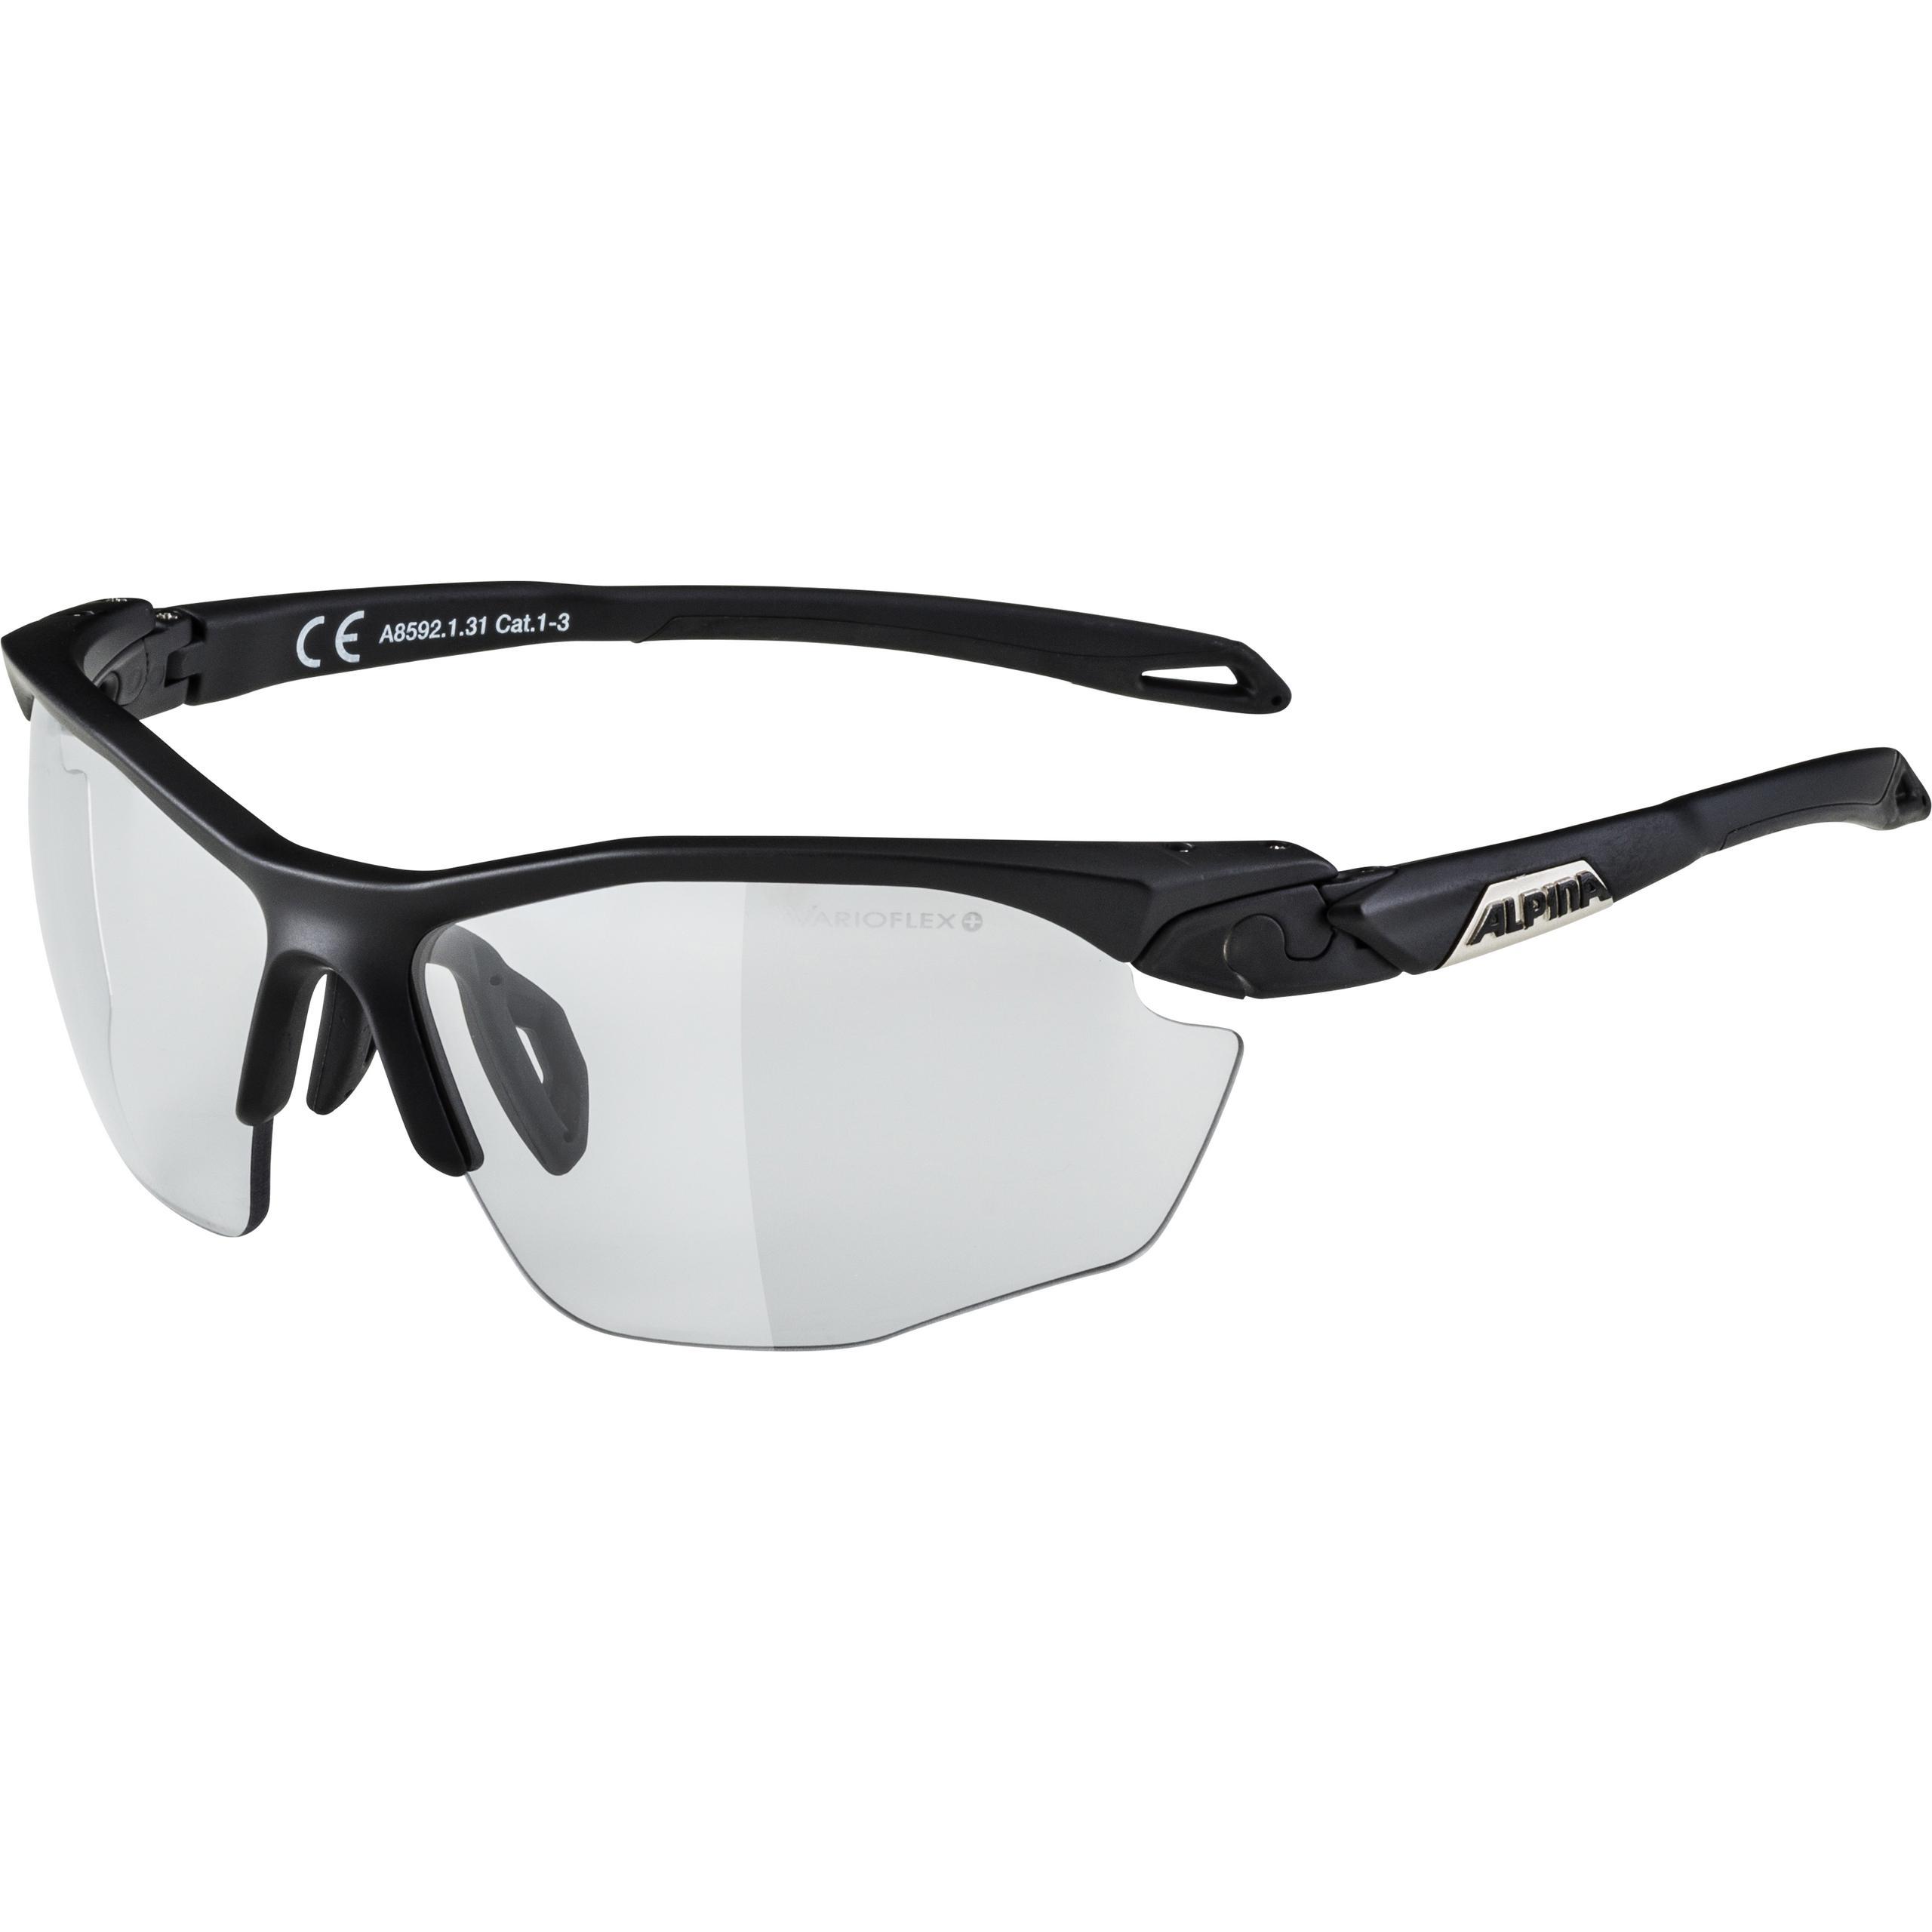 Brille Alpina